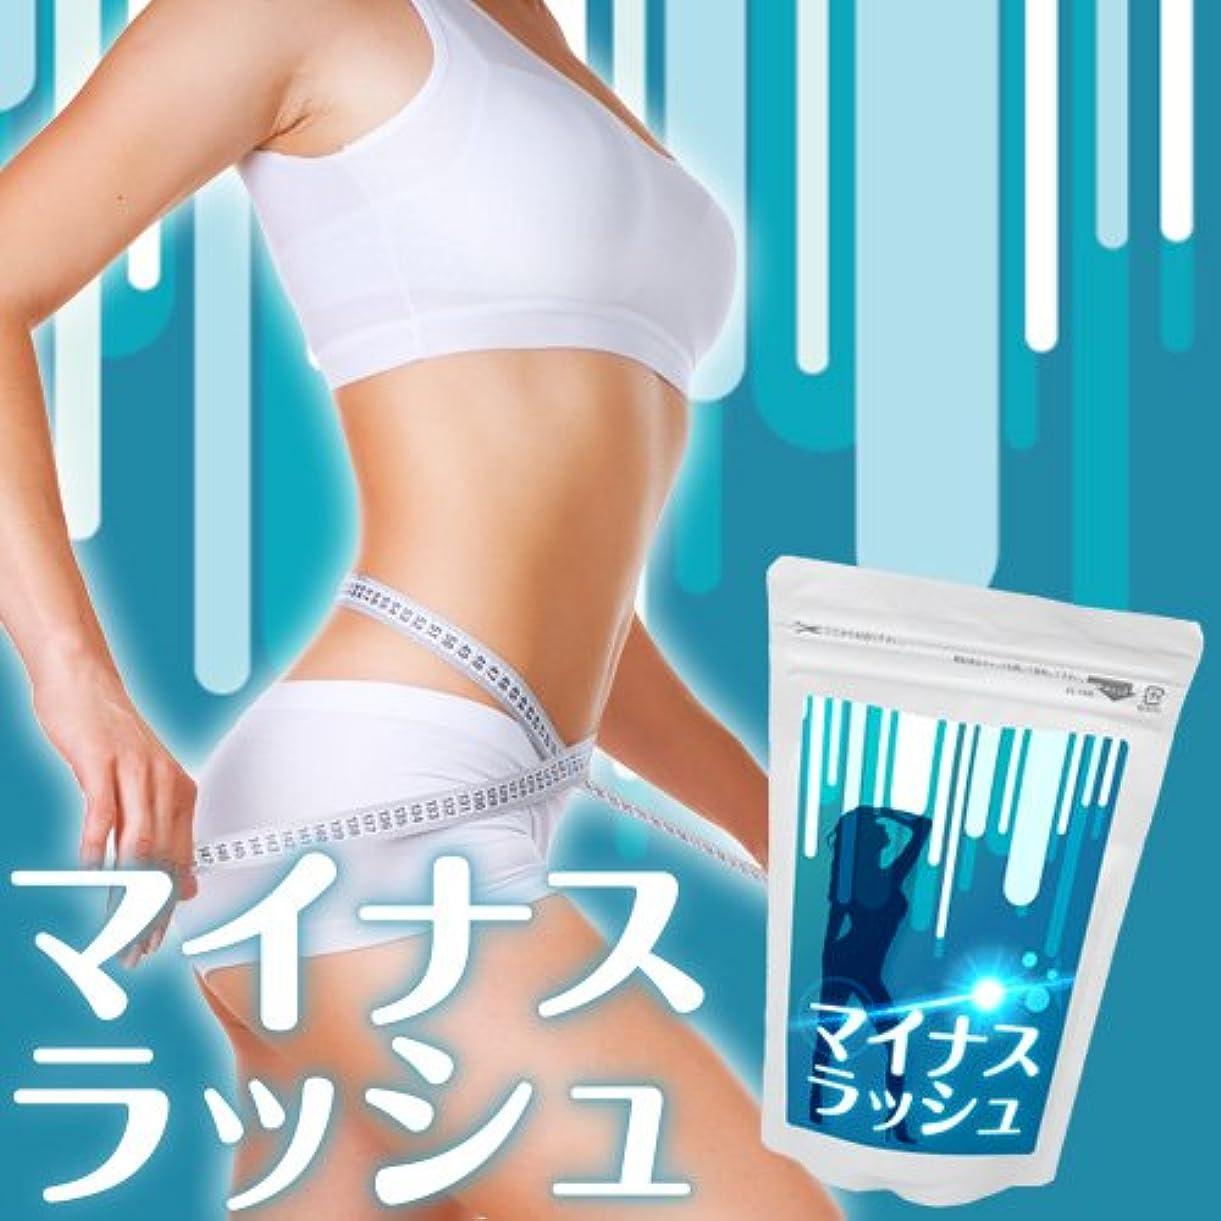 ハンディ省略アミューズメントminuslash - マイナスラッシュ - ダイエット ダイエットサプリ 糖質制限 送料無料